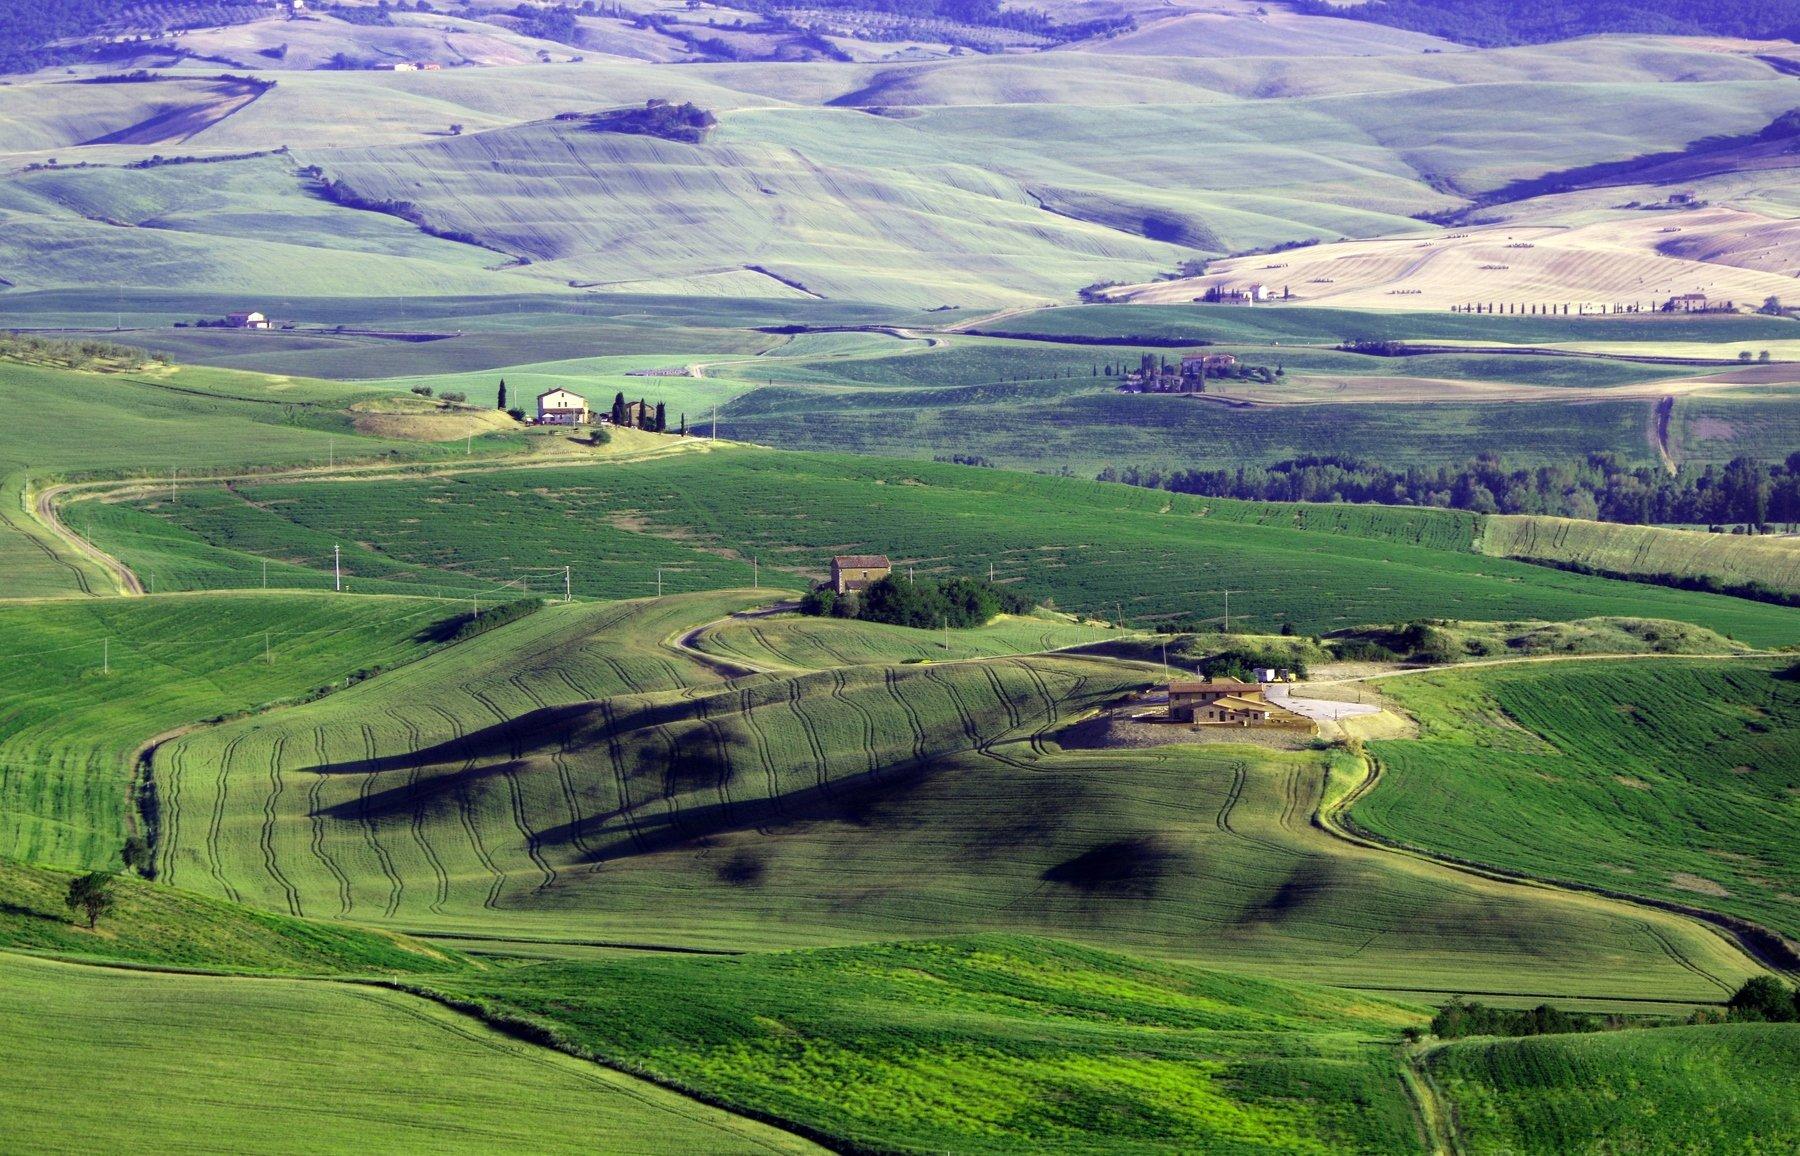 tuscany,italy,landscape,, Jacek